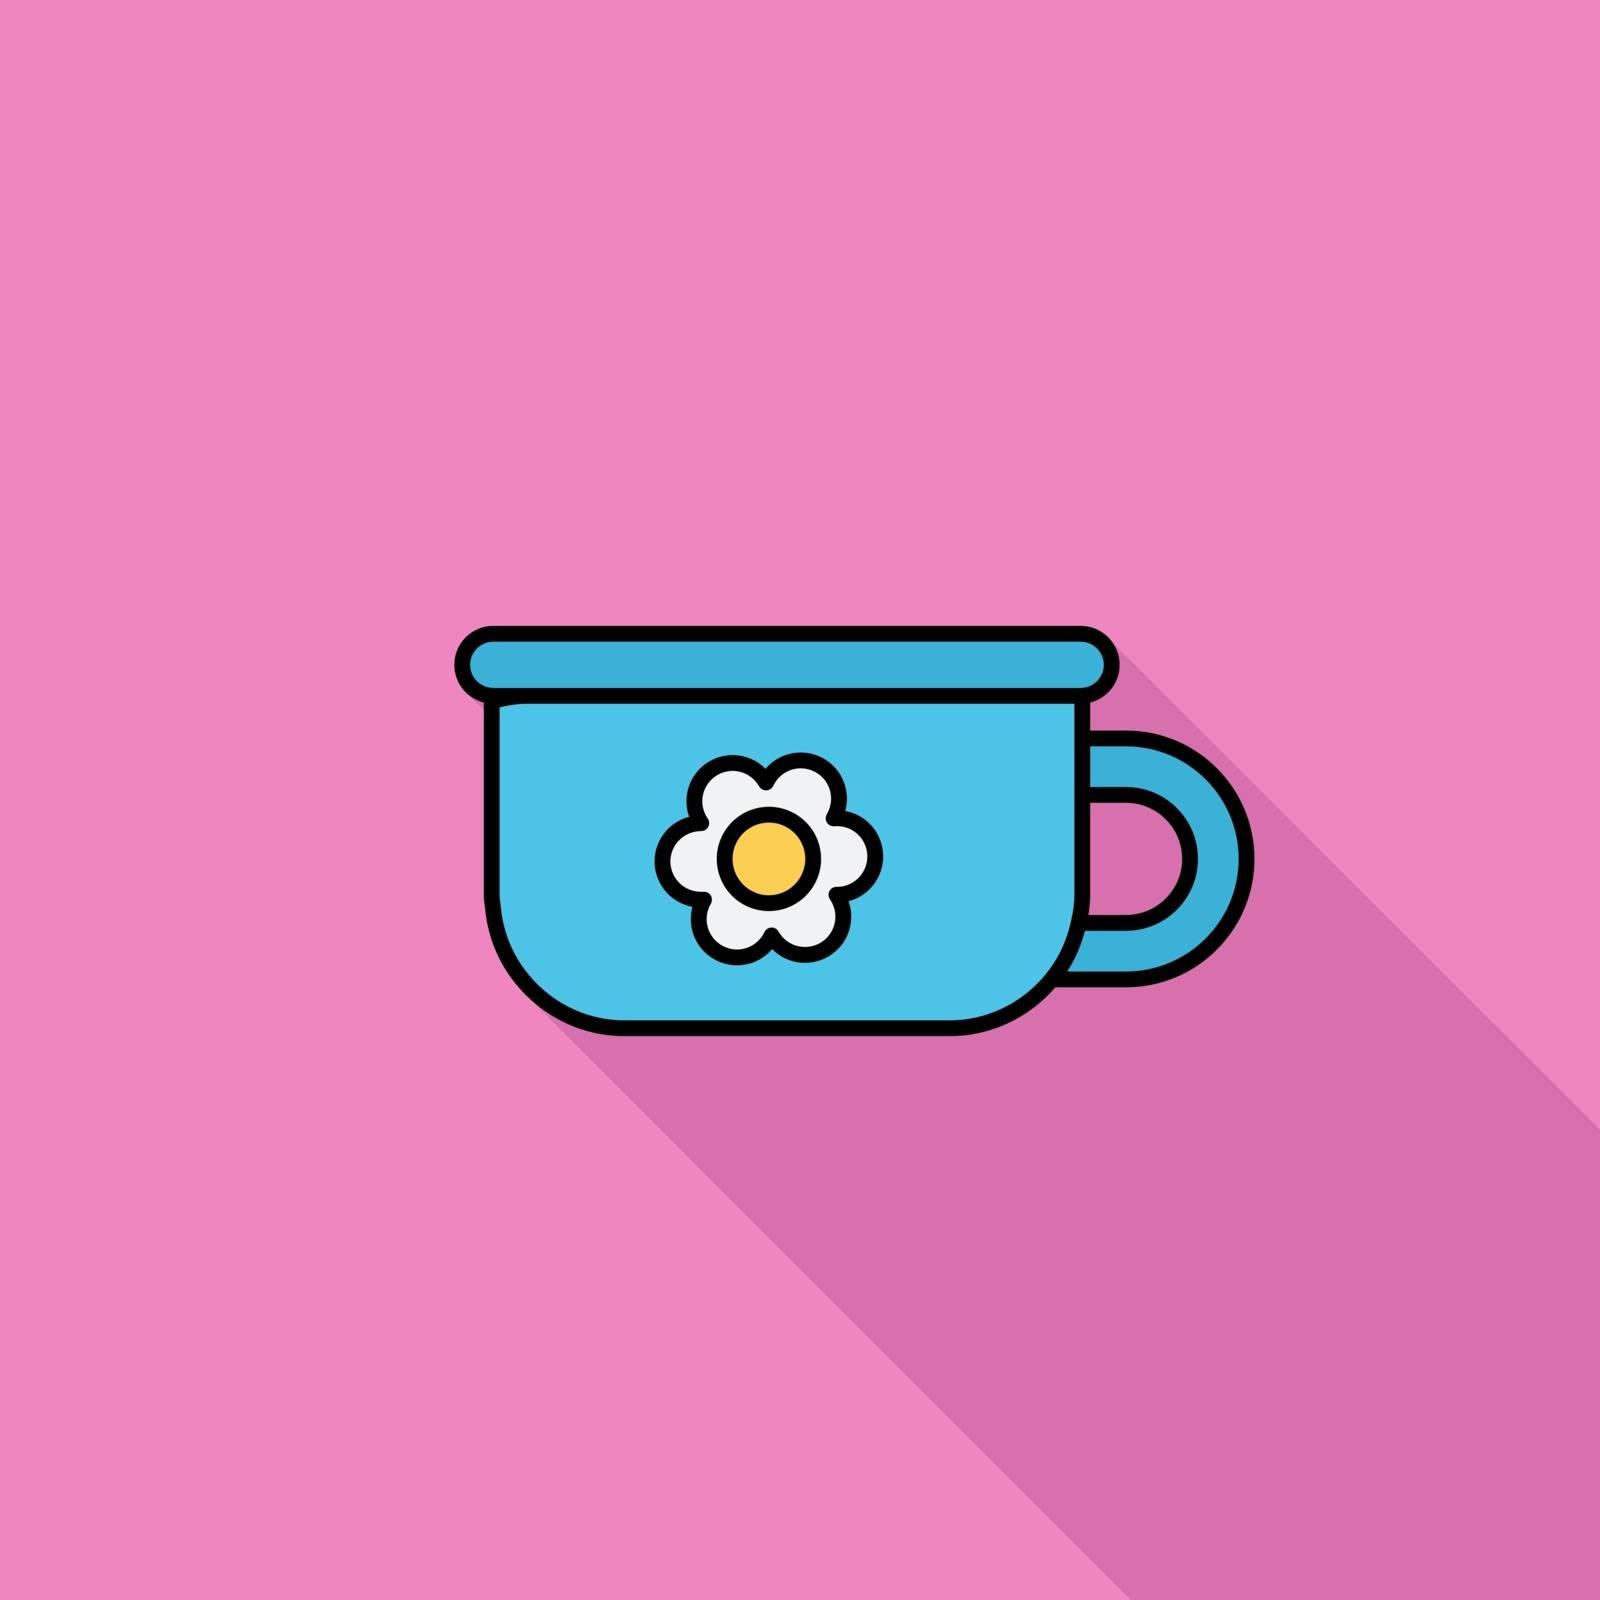 Potty icon by smoki